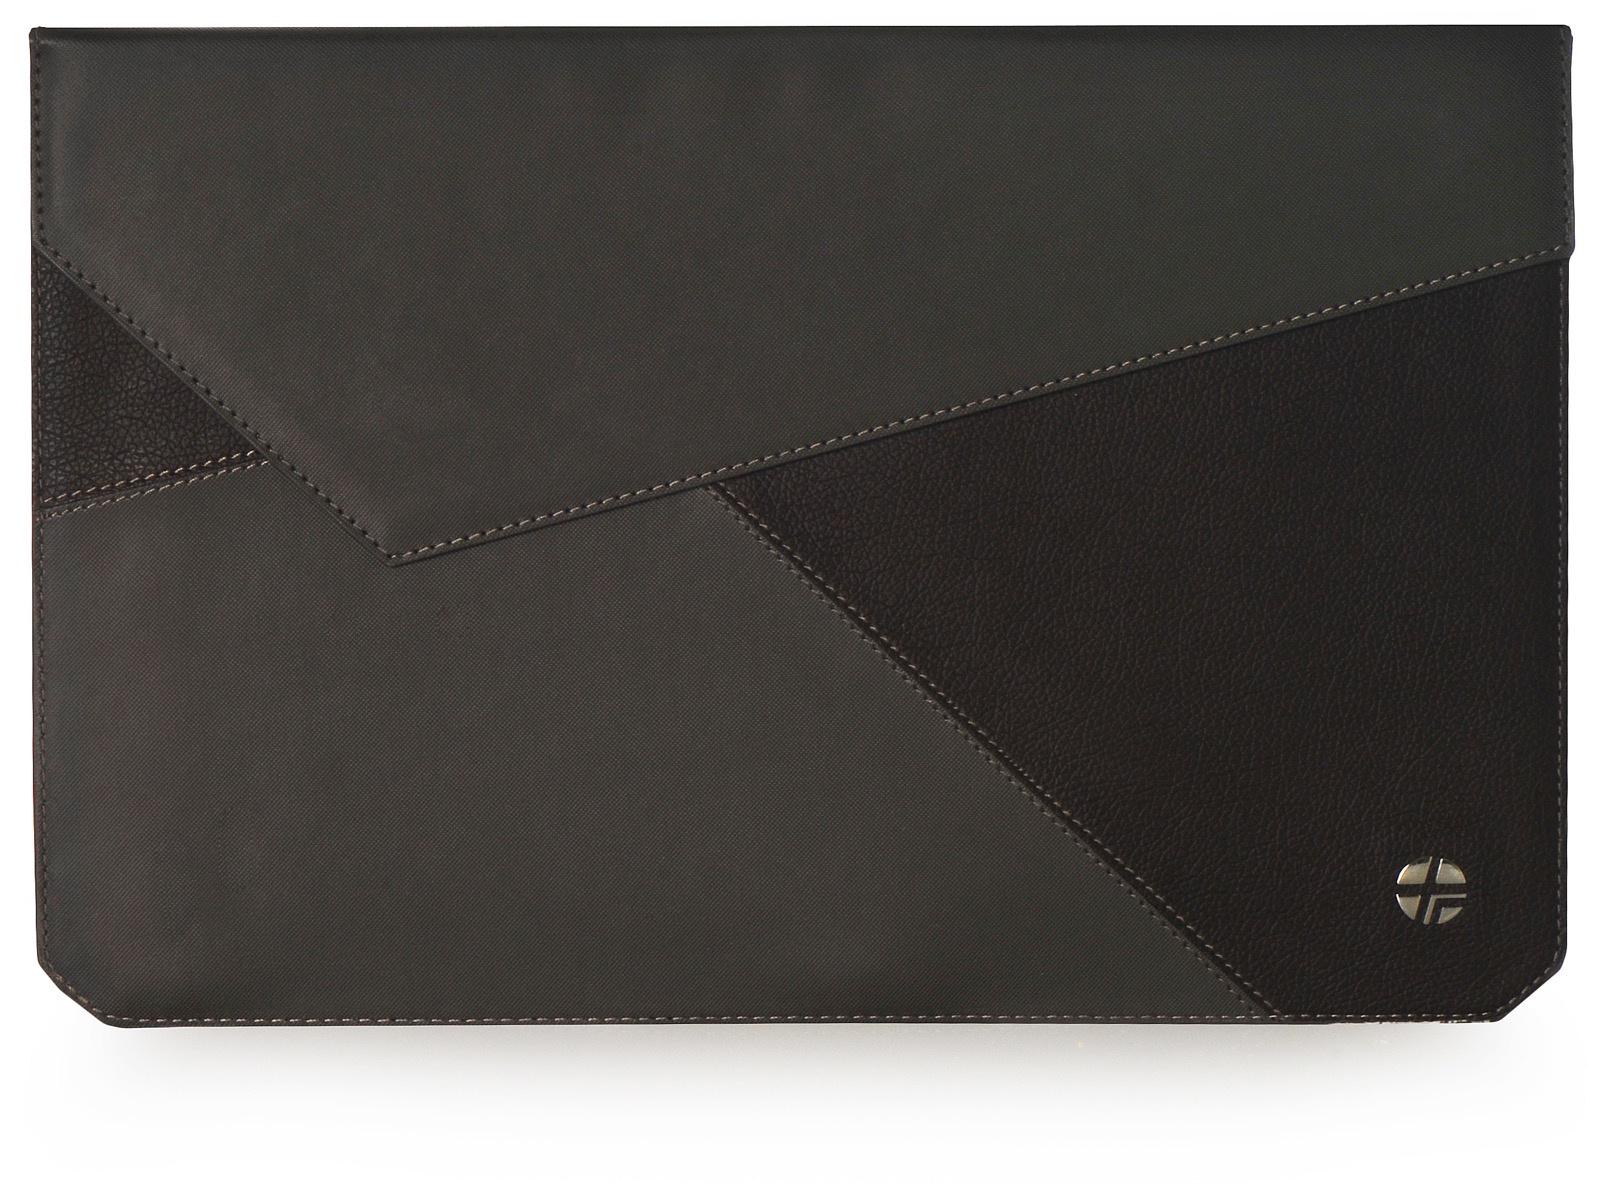 Чехол для ноутбука Trexta Sleeve Original кожа 220184 для Apple MacBook Air 11,220184,графит крышка ноутбука